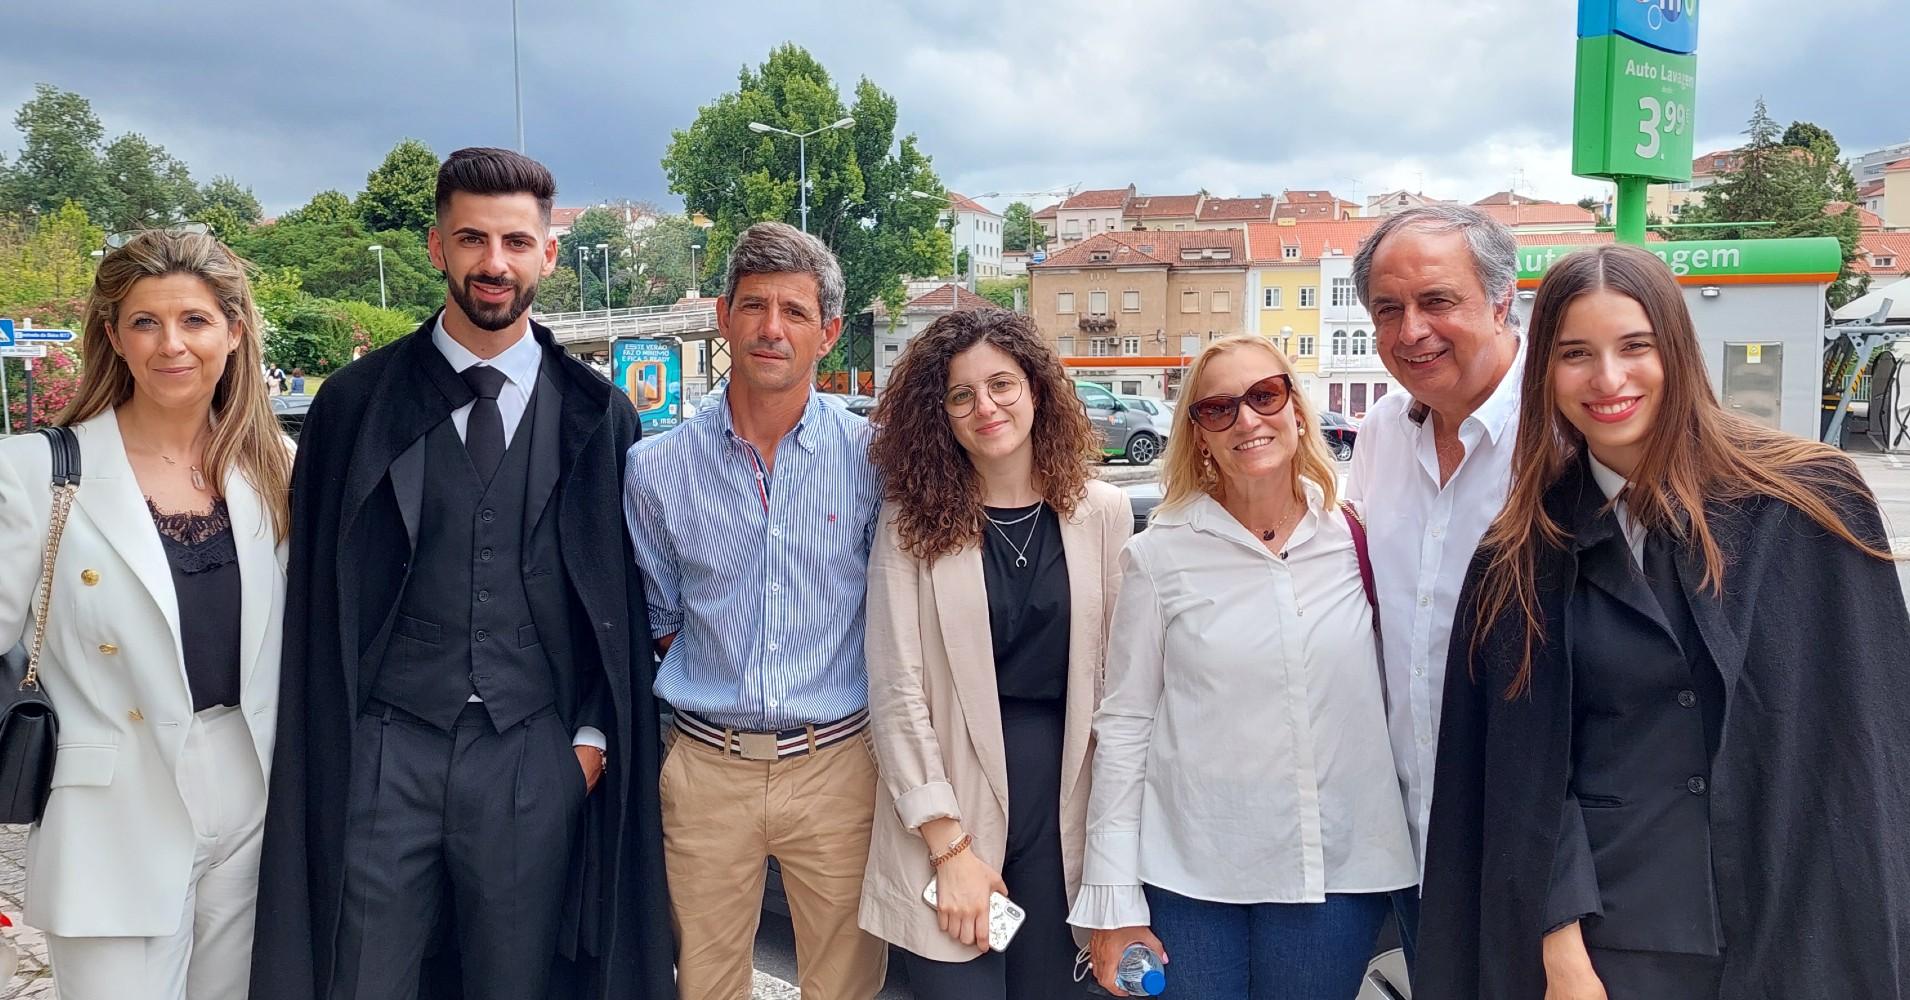 Ana Seabra e Leandro Guimarães, acompanhados pelas suas respetivas famílias